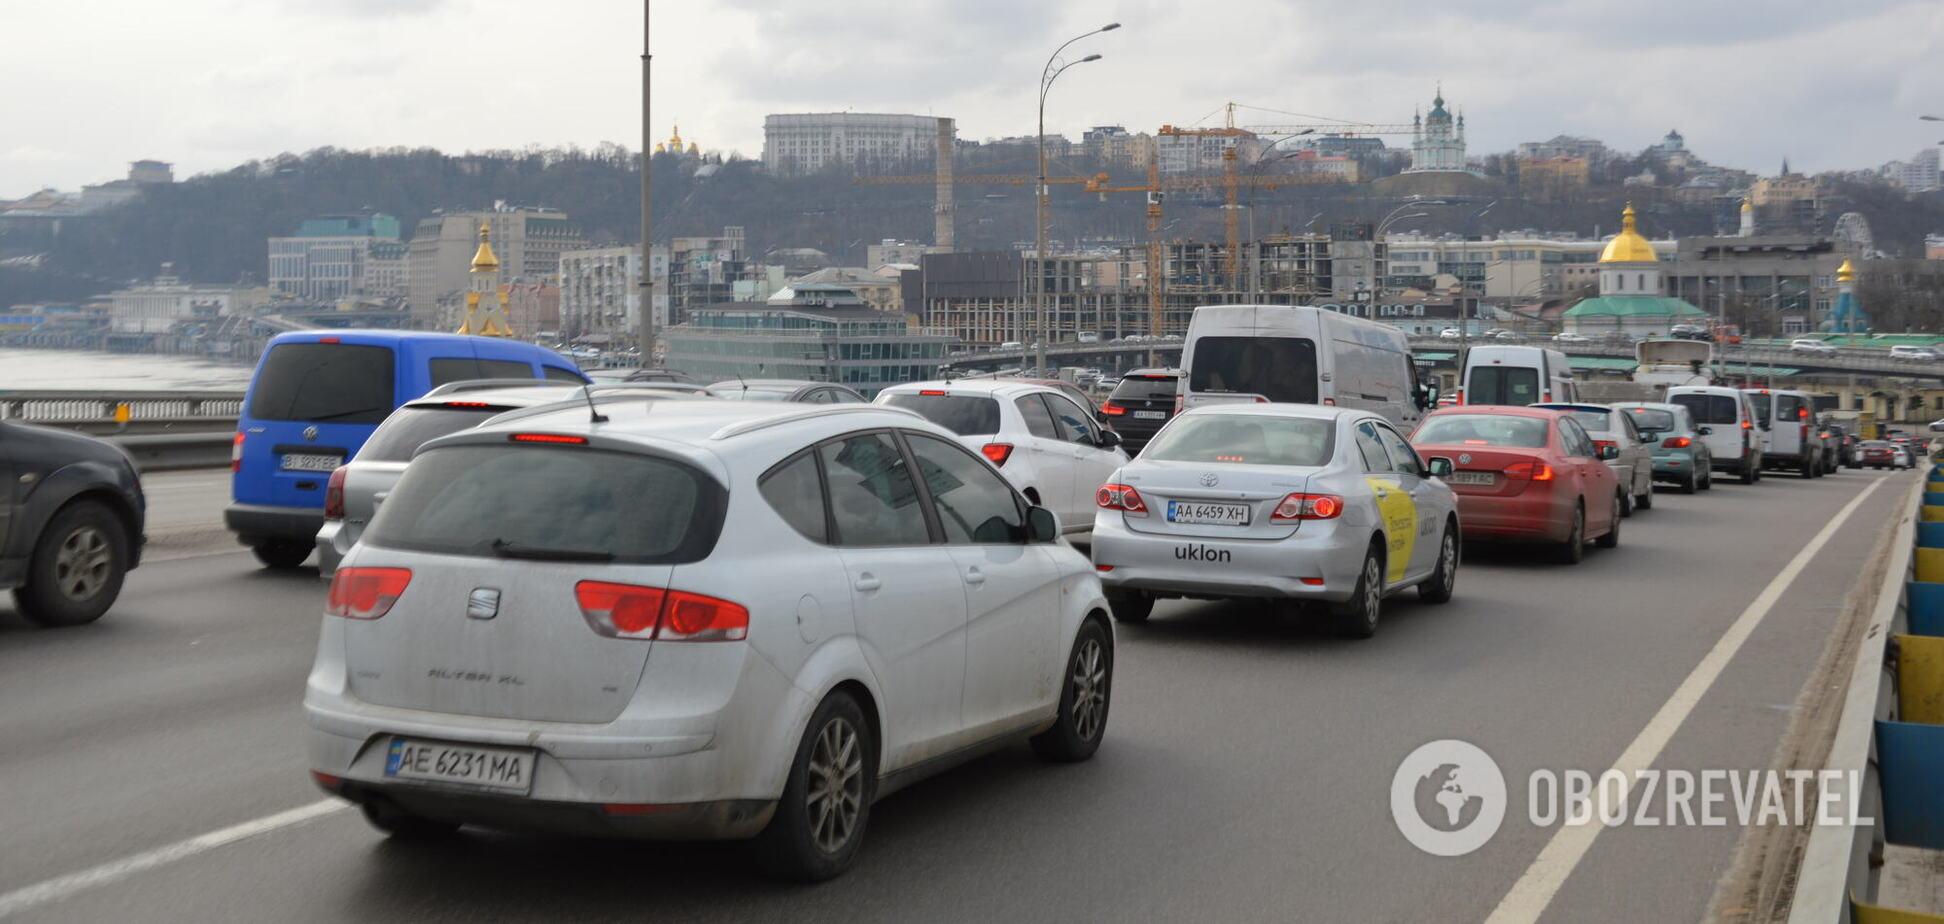 Движение авто на основных дорогах затруднено